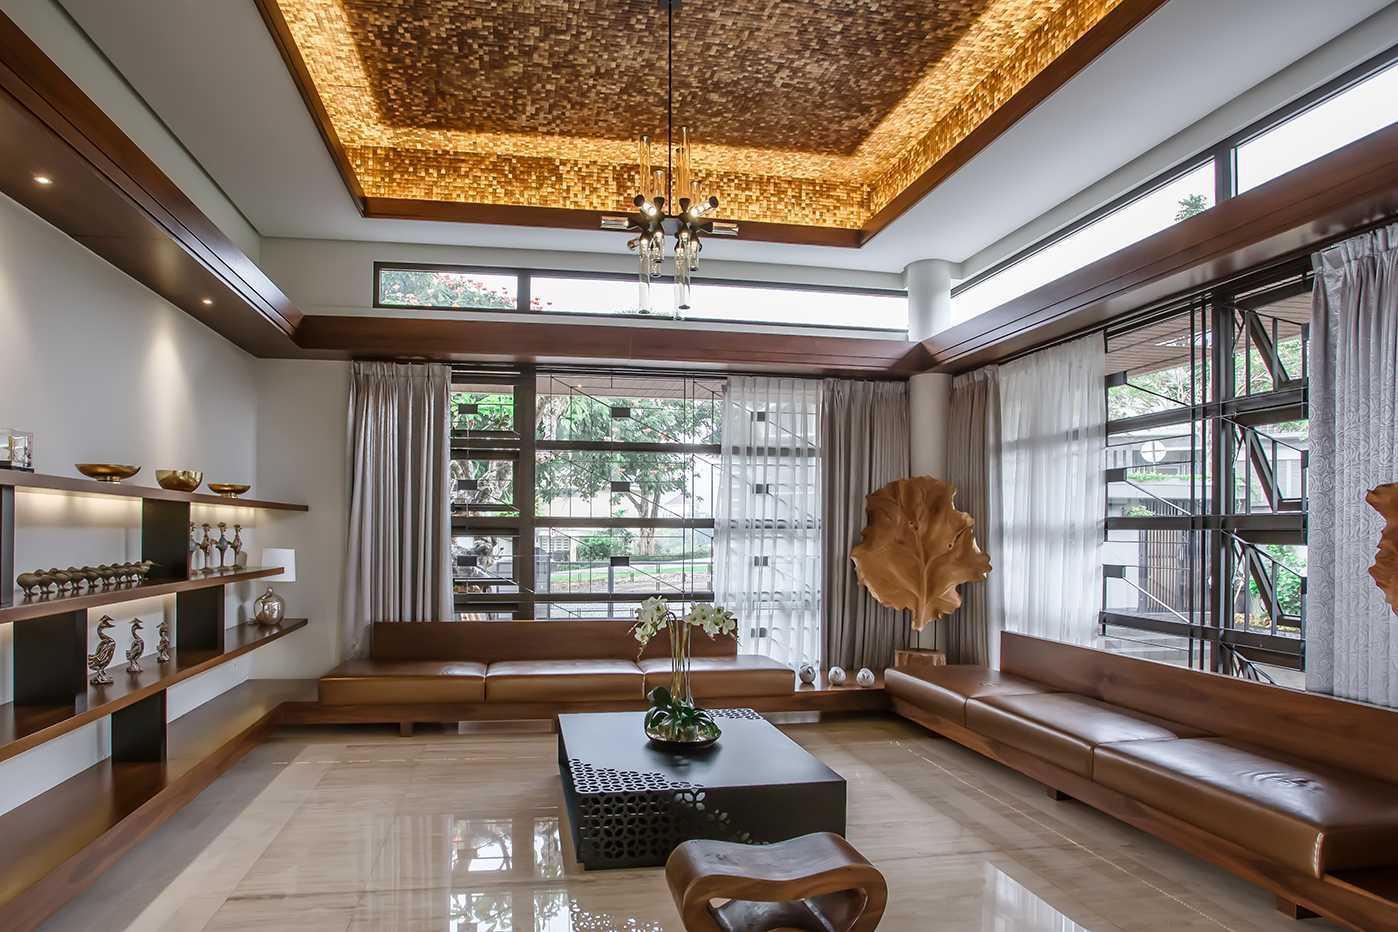 Lex And Architects Dago Residence Bandung, Jawa Barat, Indonesia Bandung, Jawa Barat, Indonesia Lex-And-Architects-Dago-Residence   68895